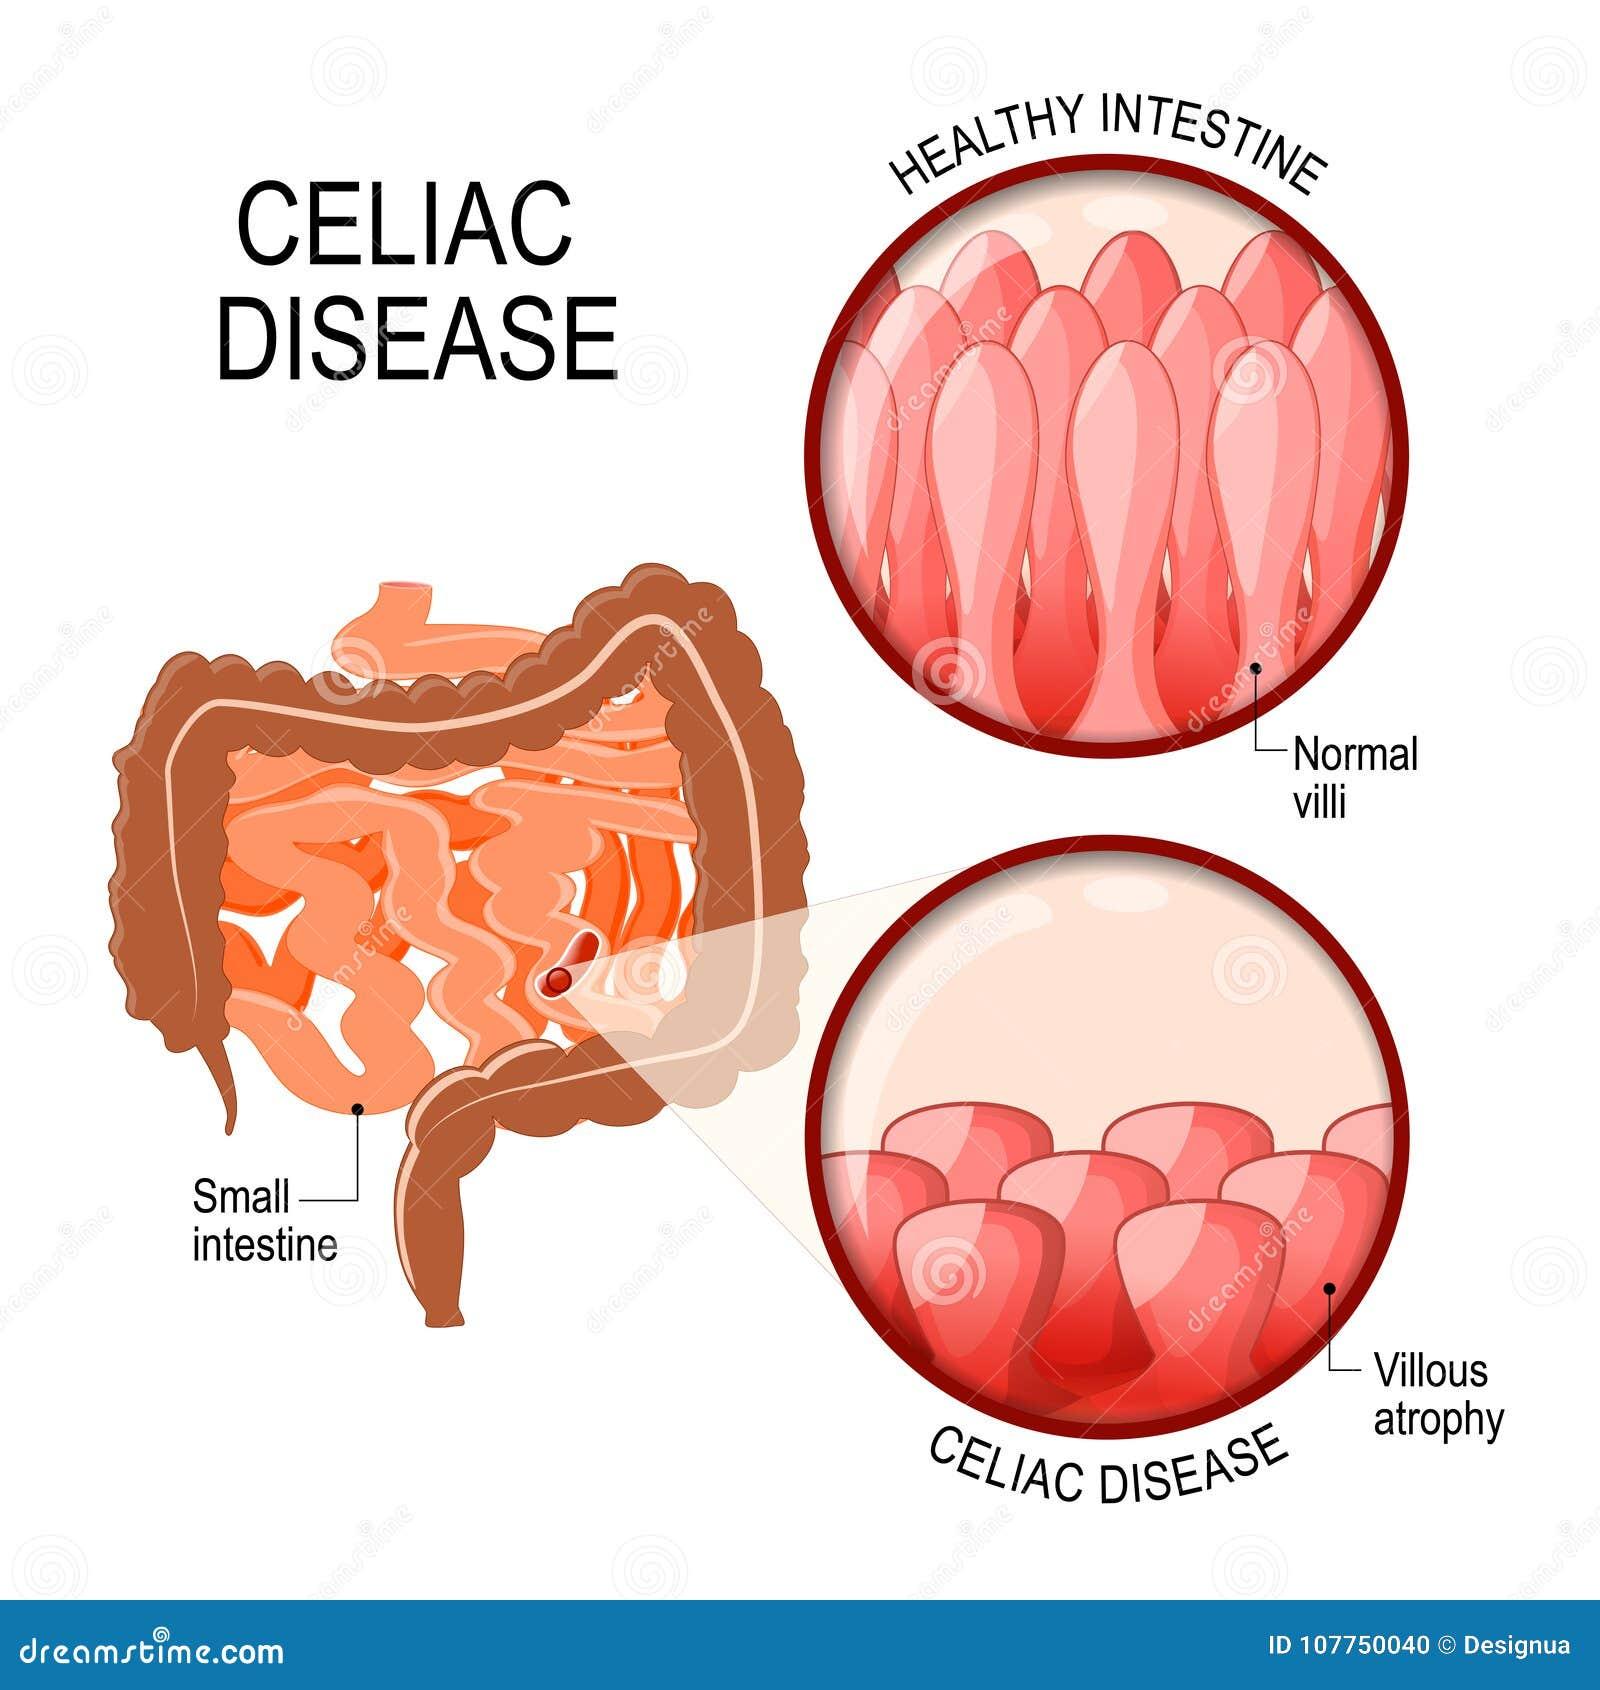 Malattia celiaca piccoli intestinale con i villi normali e villous